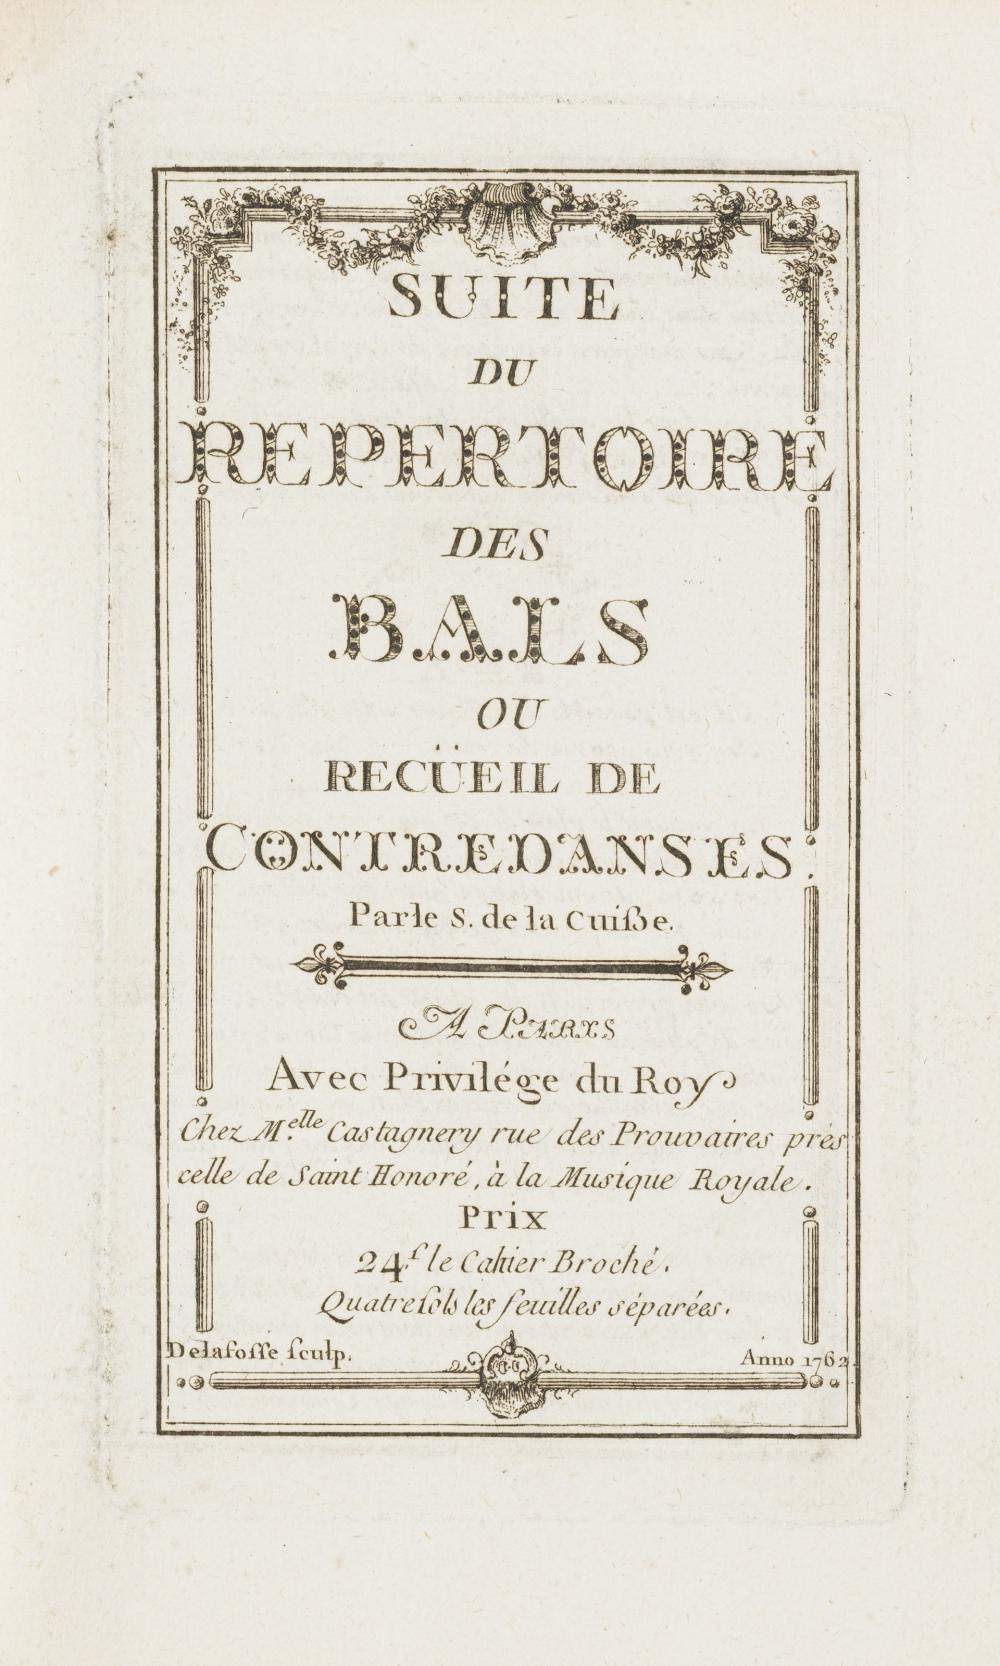 Guinguettes et cabarets H5051-10